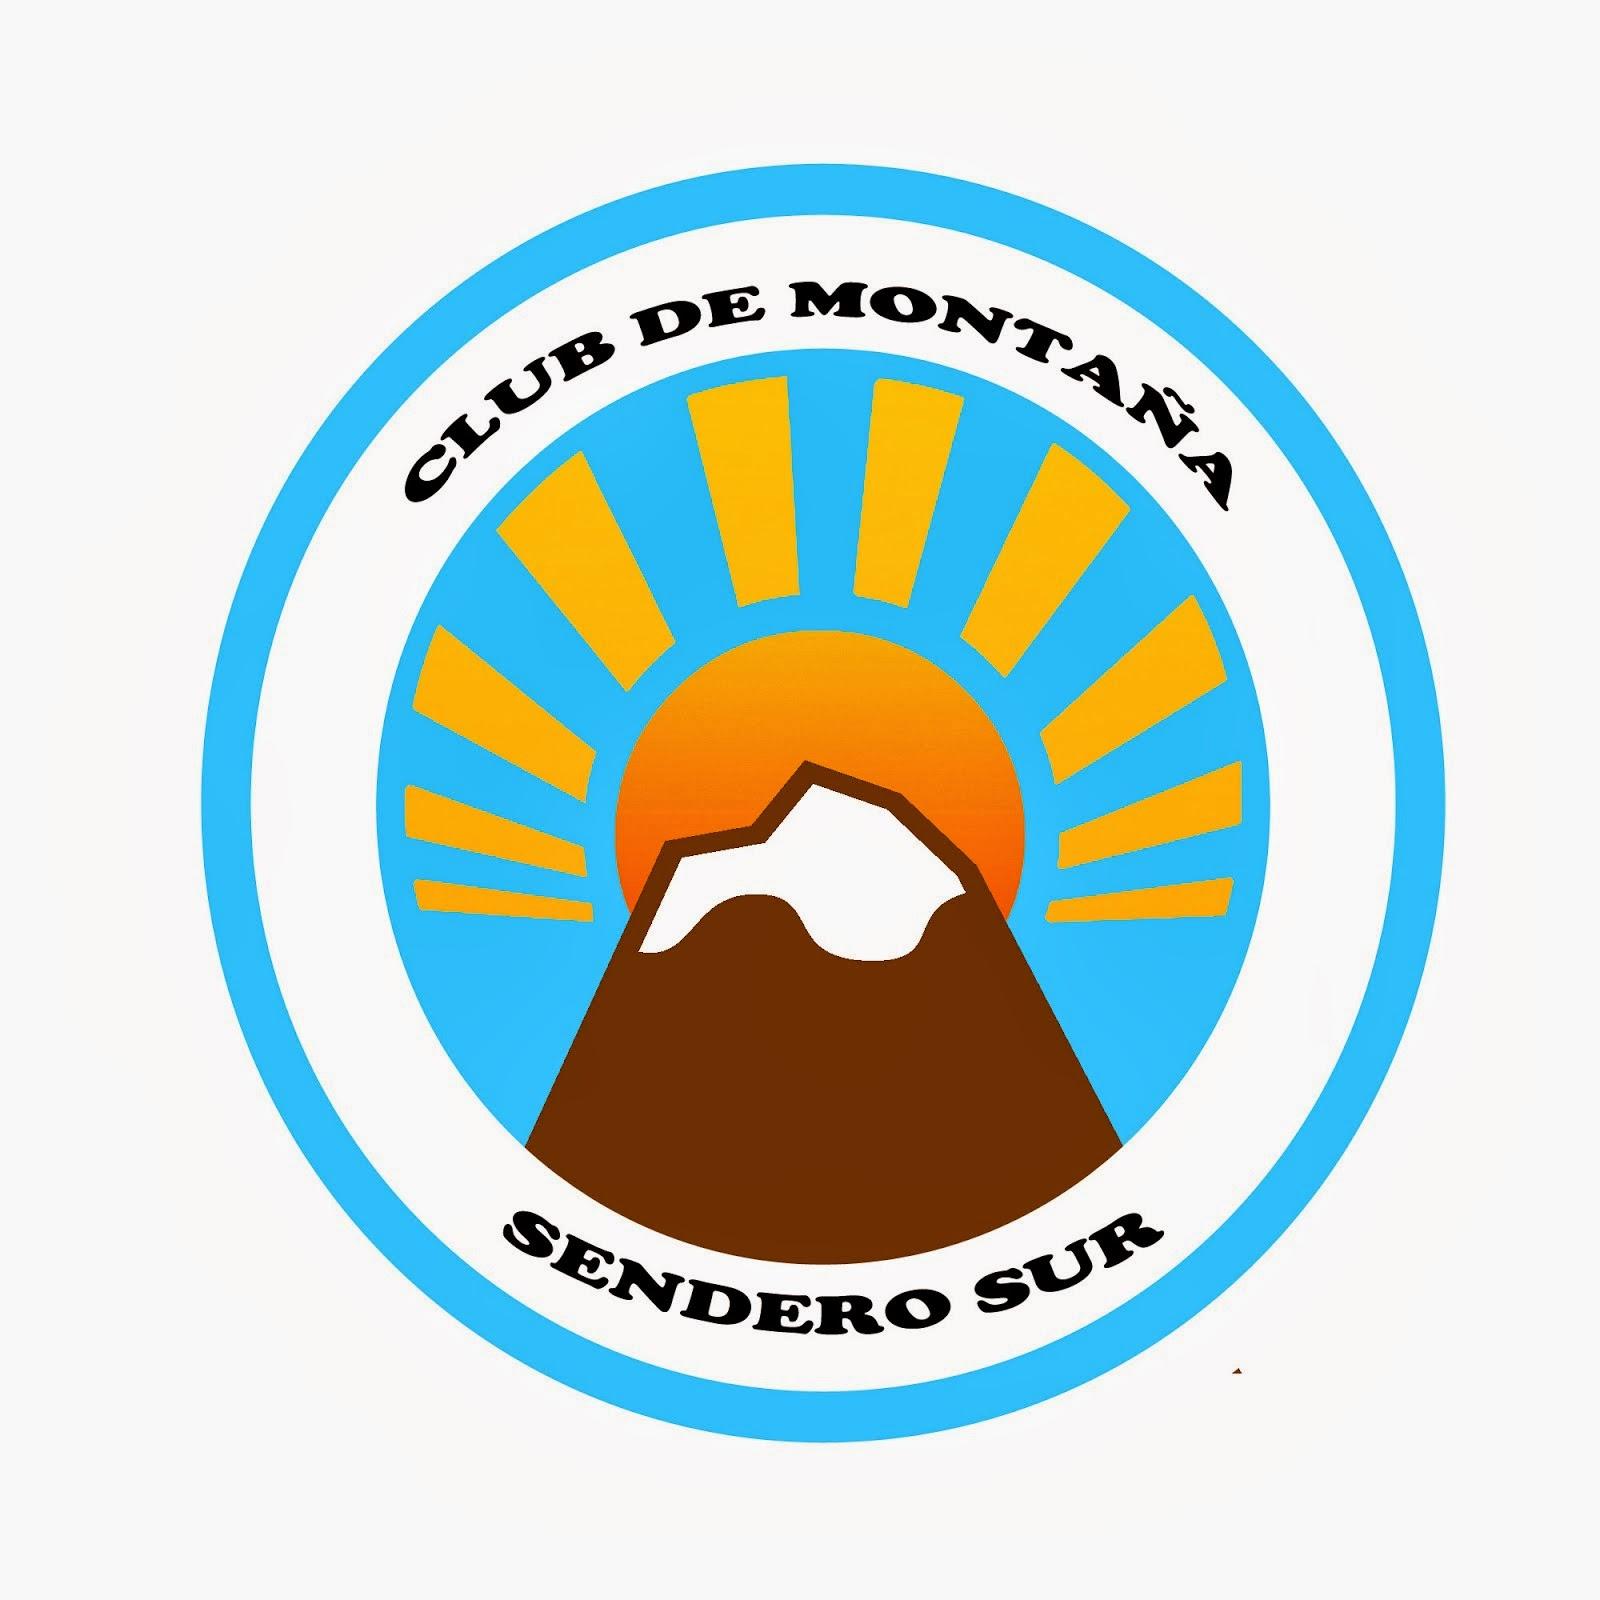 Club de Montaña Sendero sur